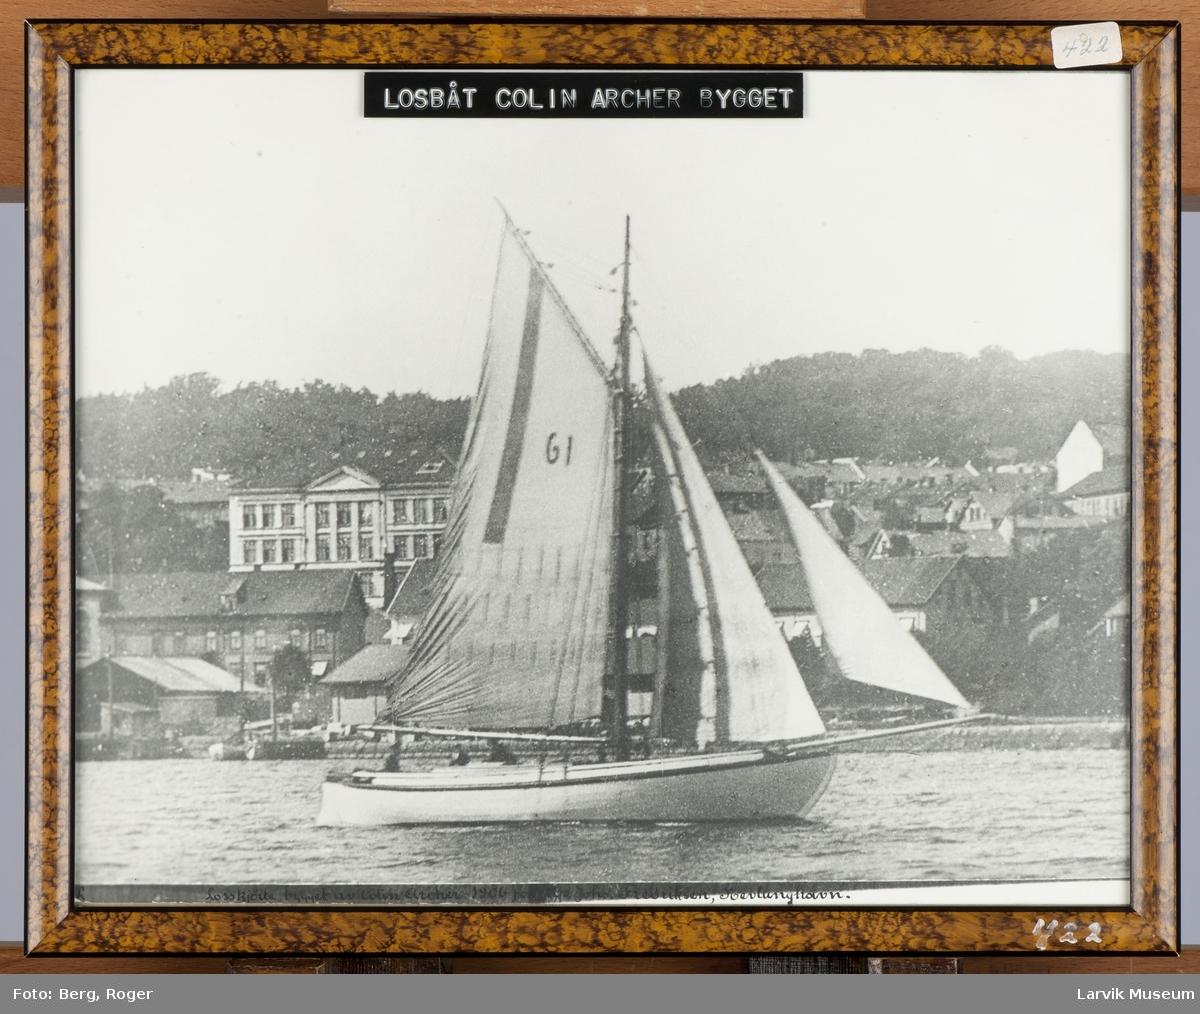 Losskøite bygget av Colin Archer i 1906 for los Johs. Fredriksen, Nevlunghavn